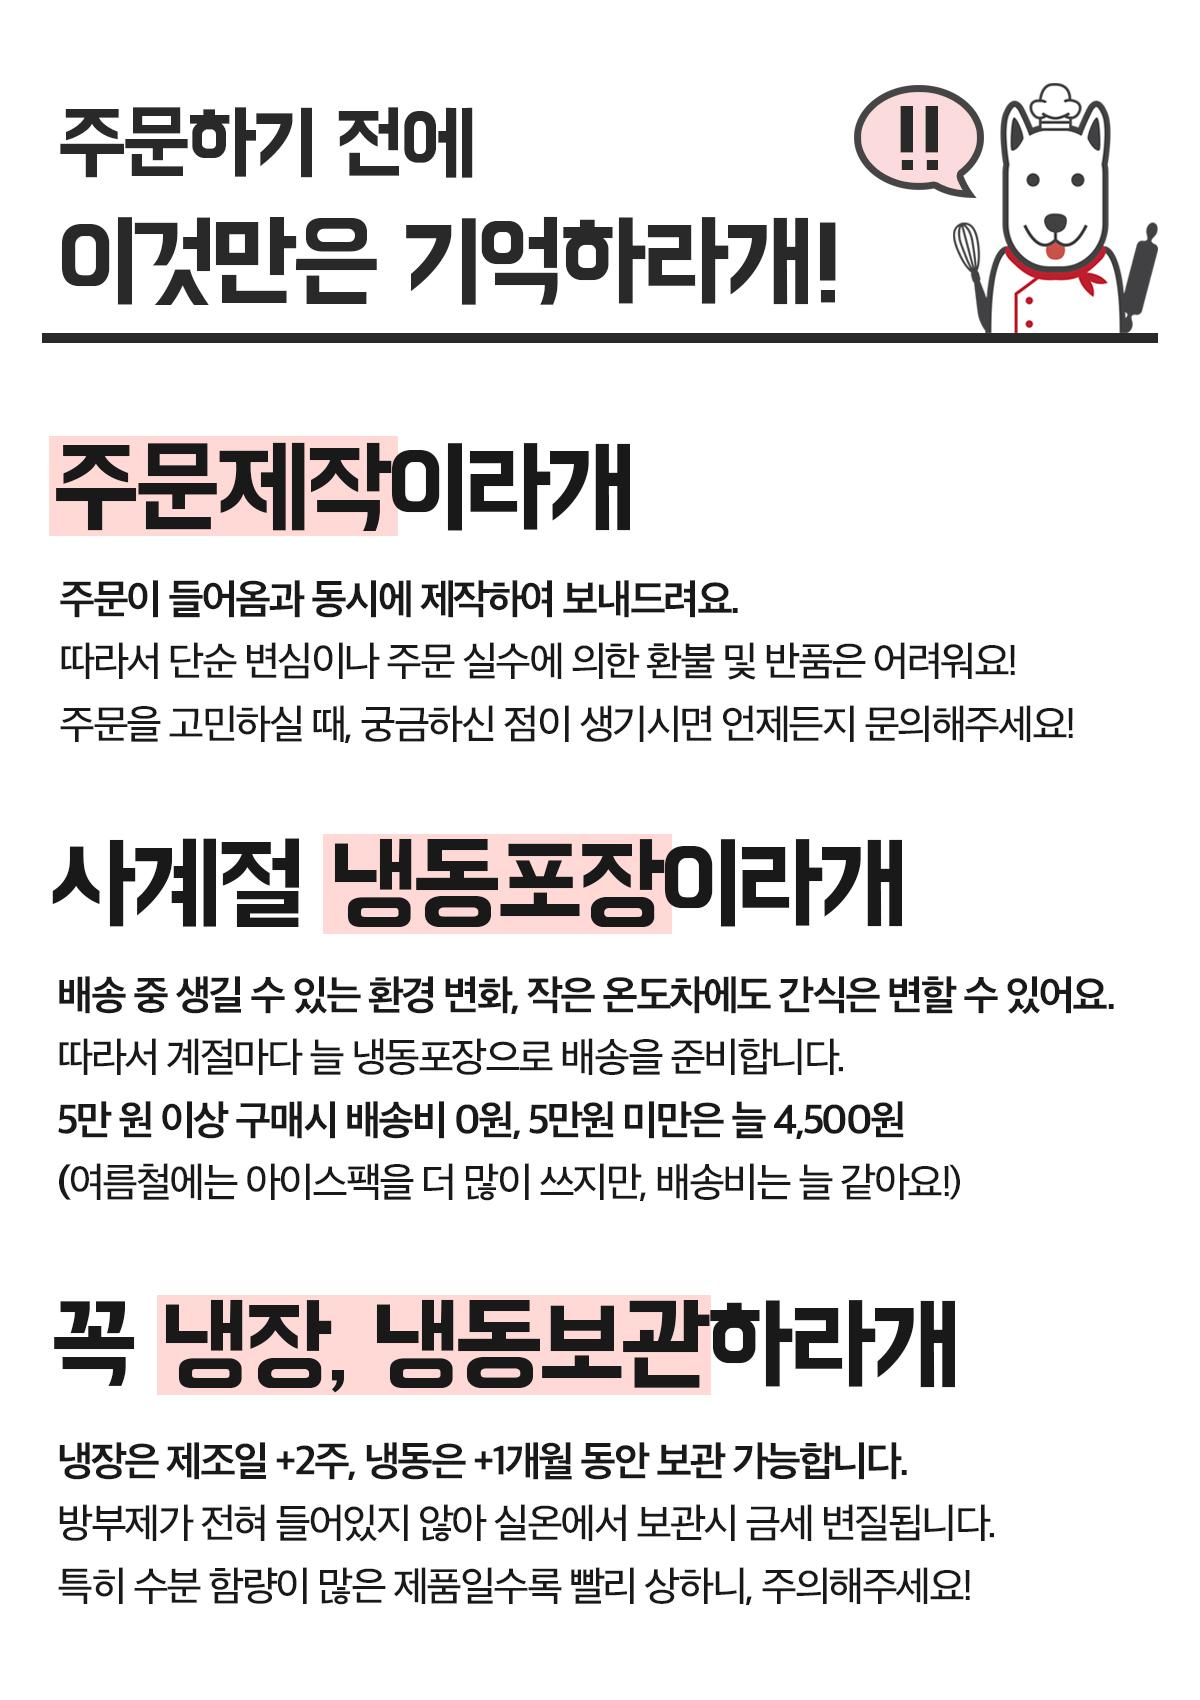 간식먹개 - 구겔호프케이크(미니) - 간식먹개, 5,500원, 간식/영양제, 수제간식